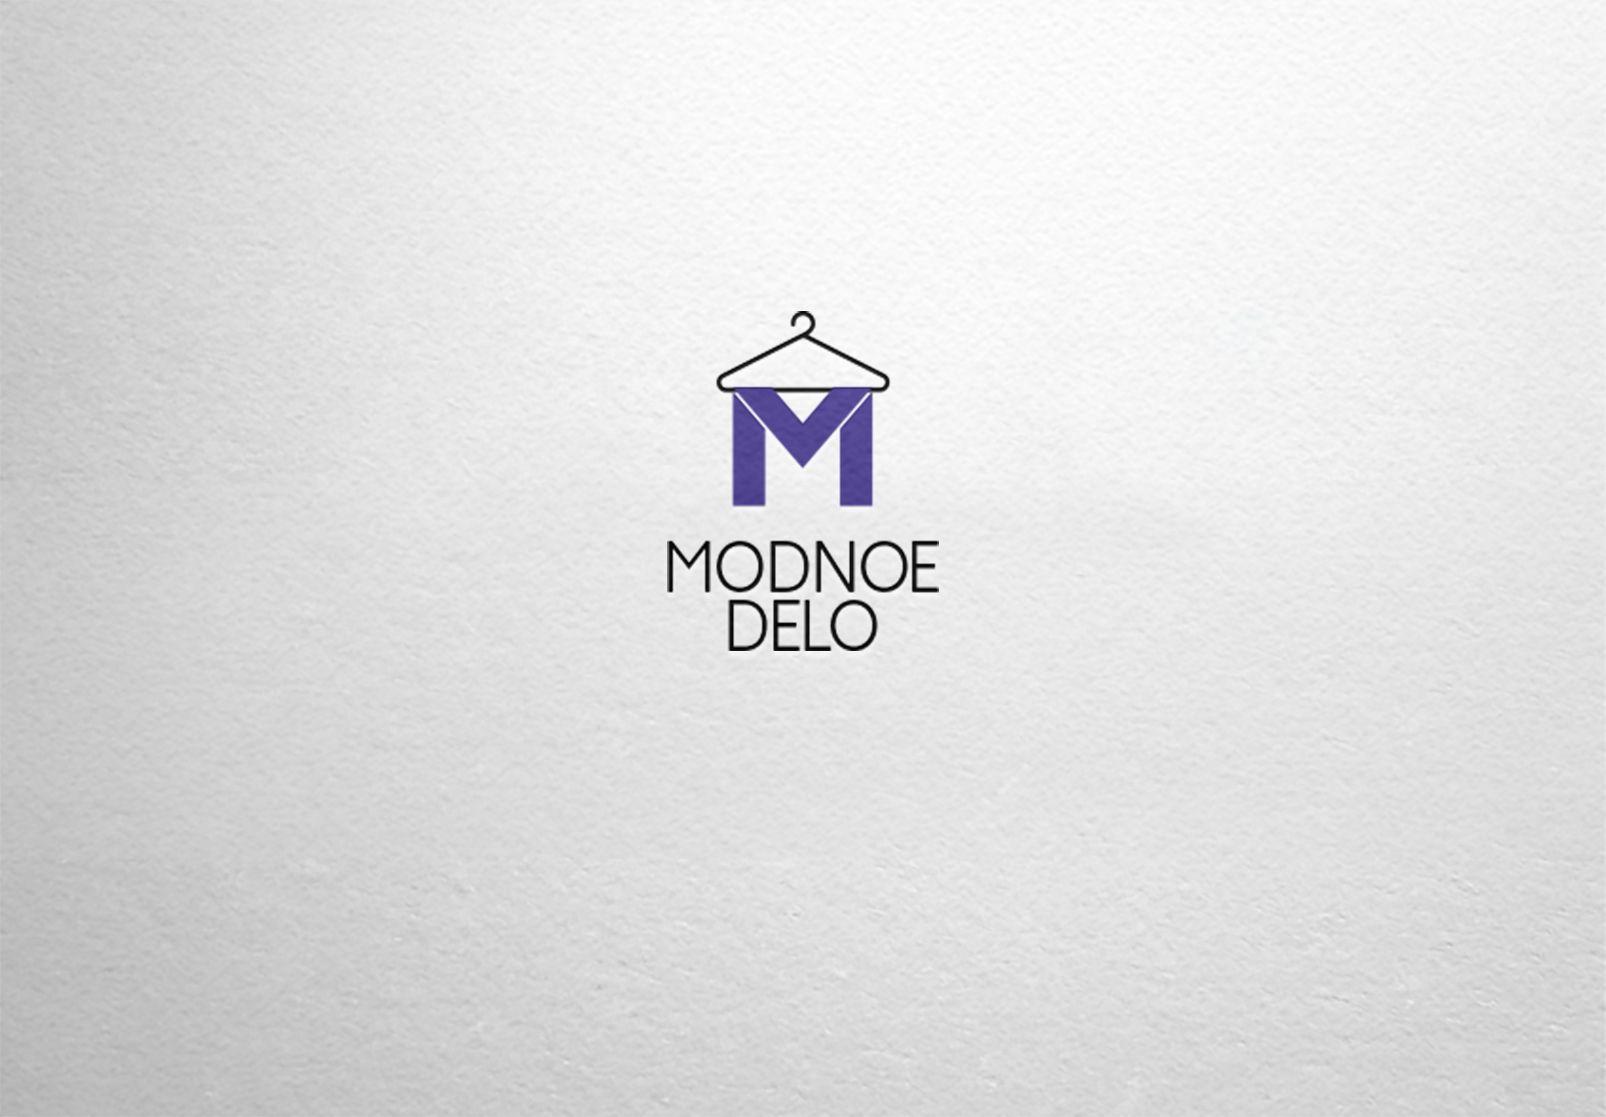 Лого для компании, развивающей бренды в сфере моды - дизайнер dron55